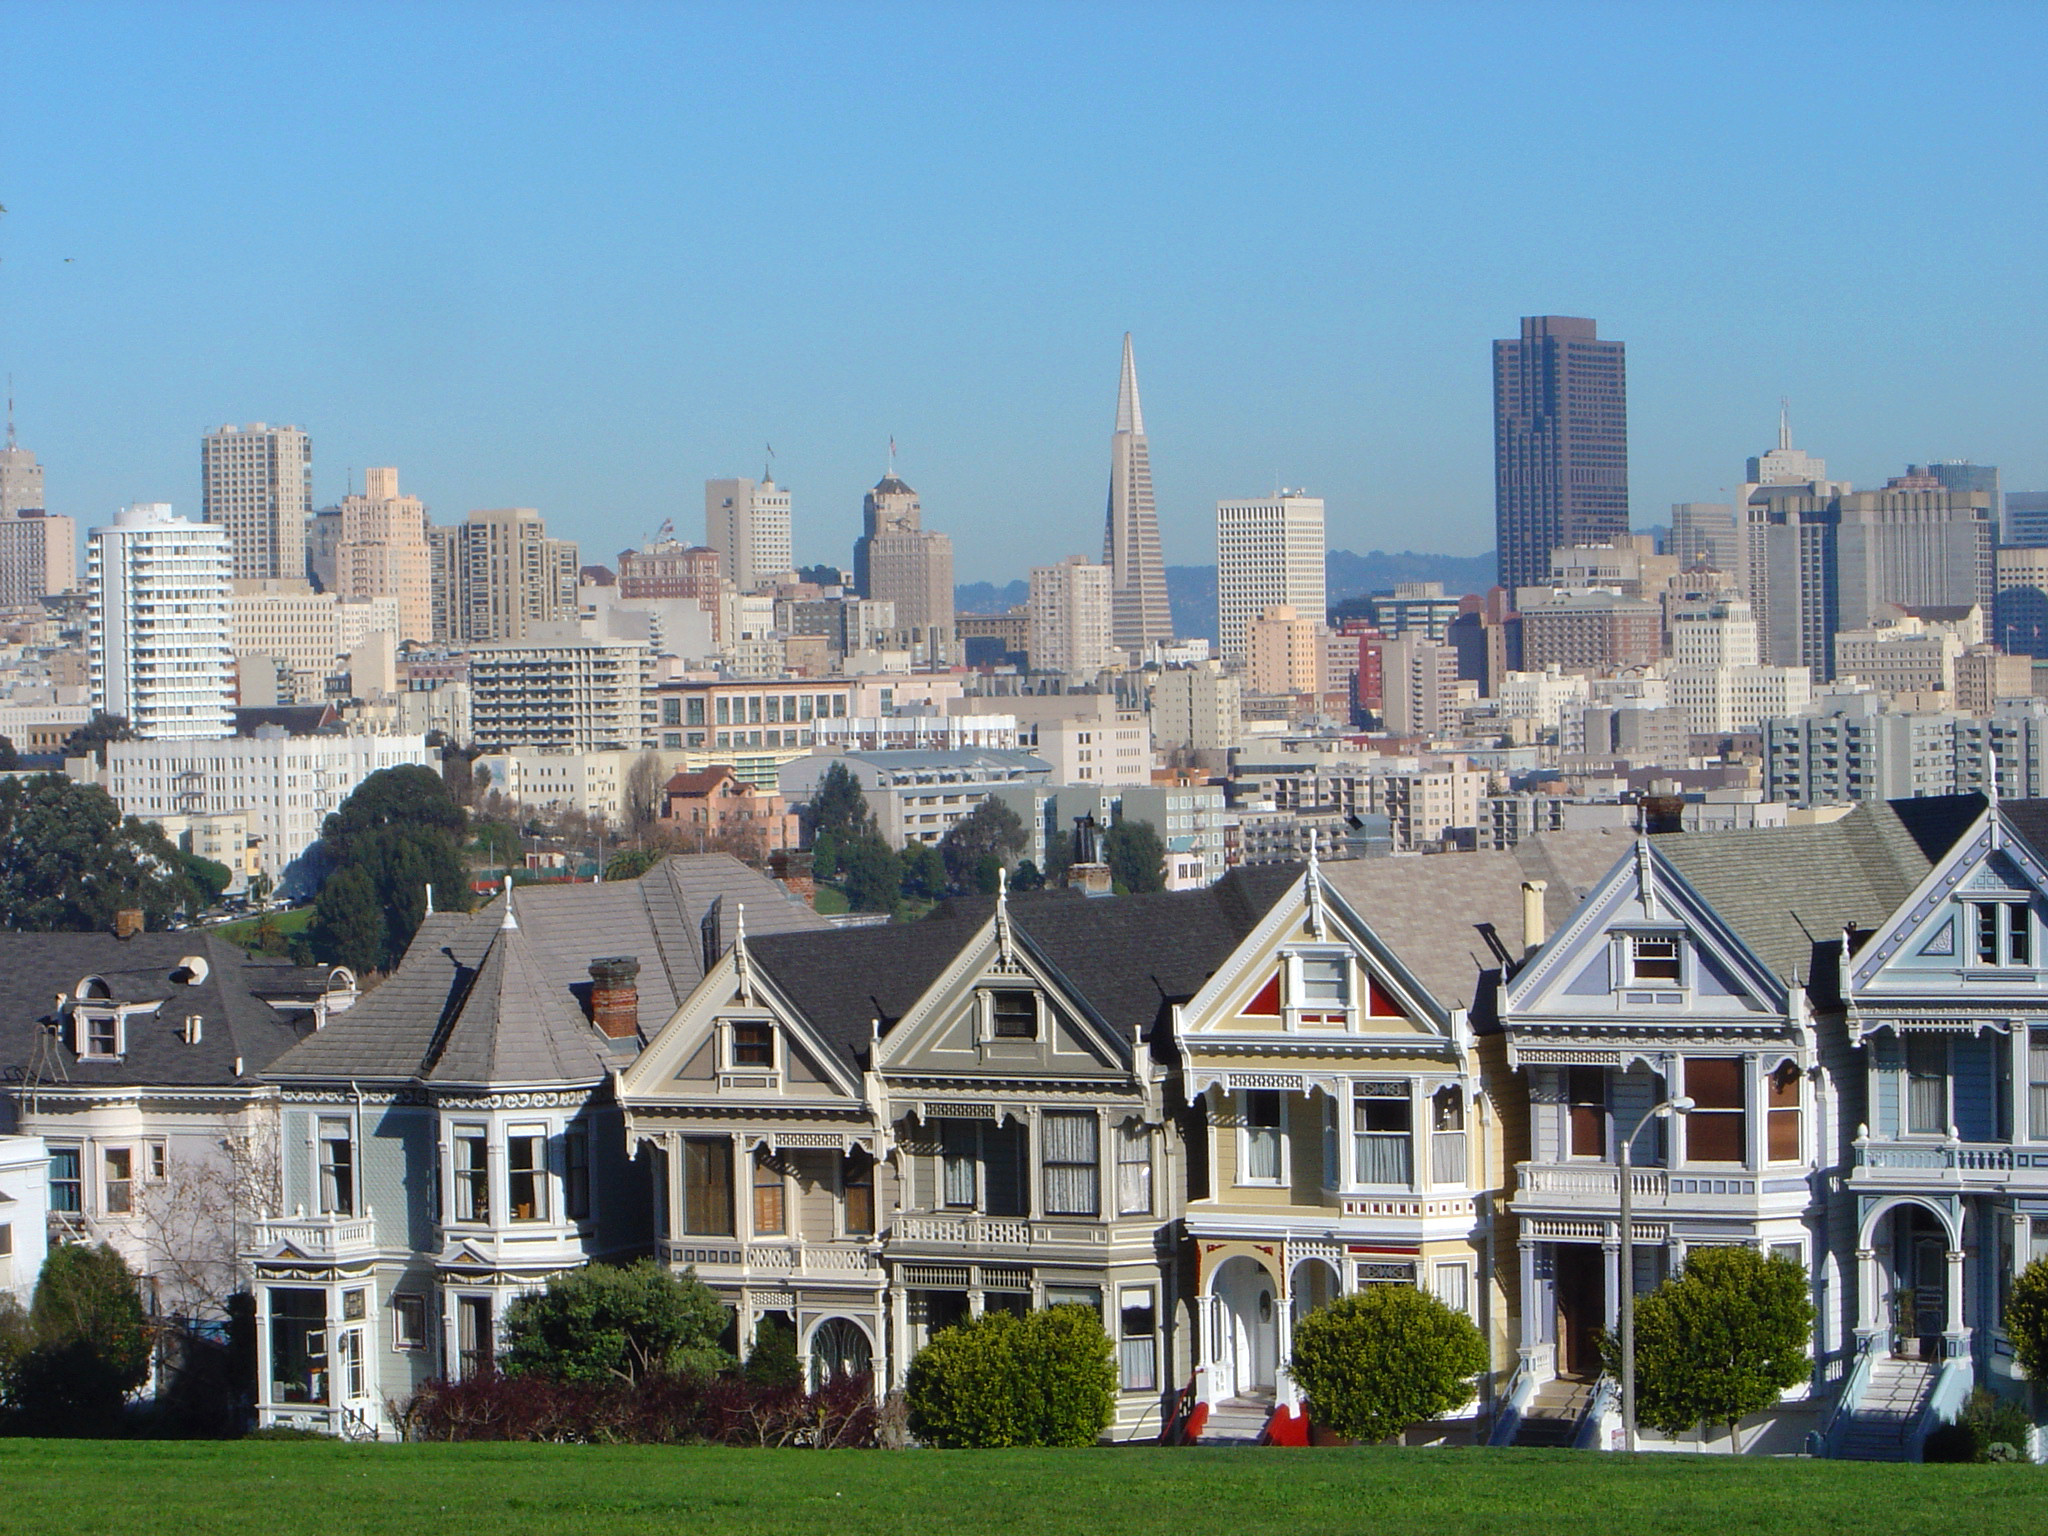 File:San Francisco DSC09797.JPG - Wikimedia Commons